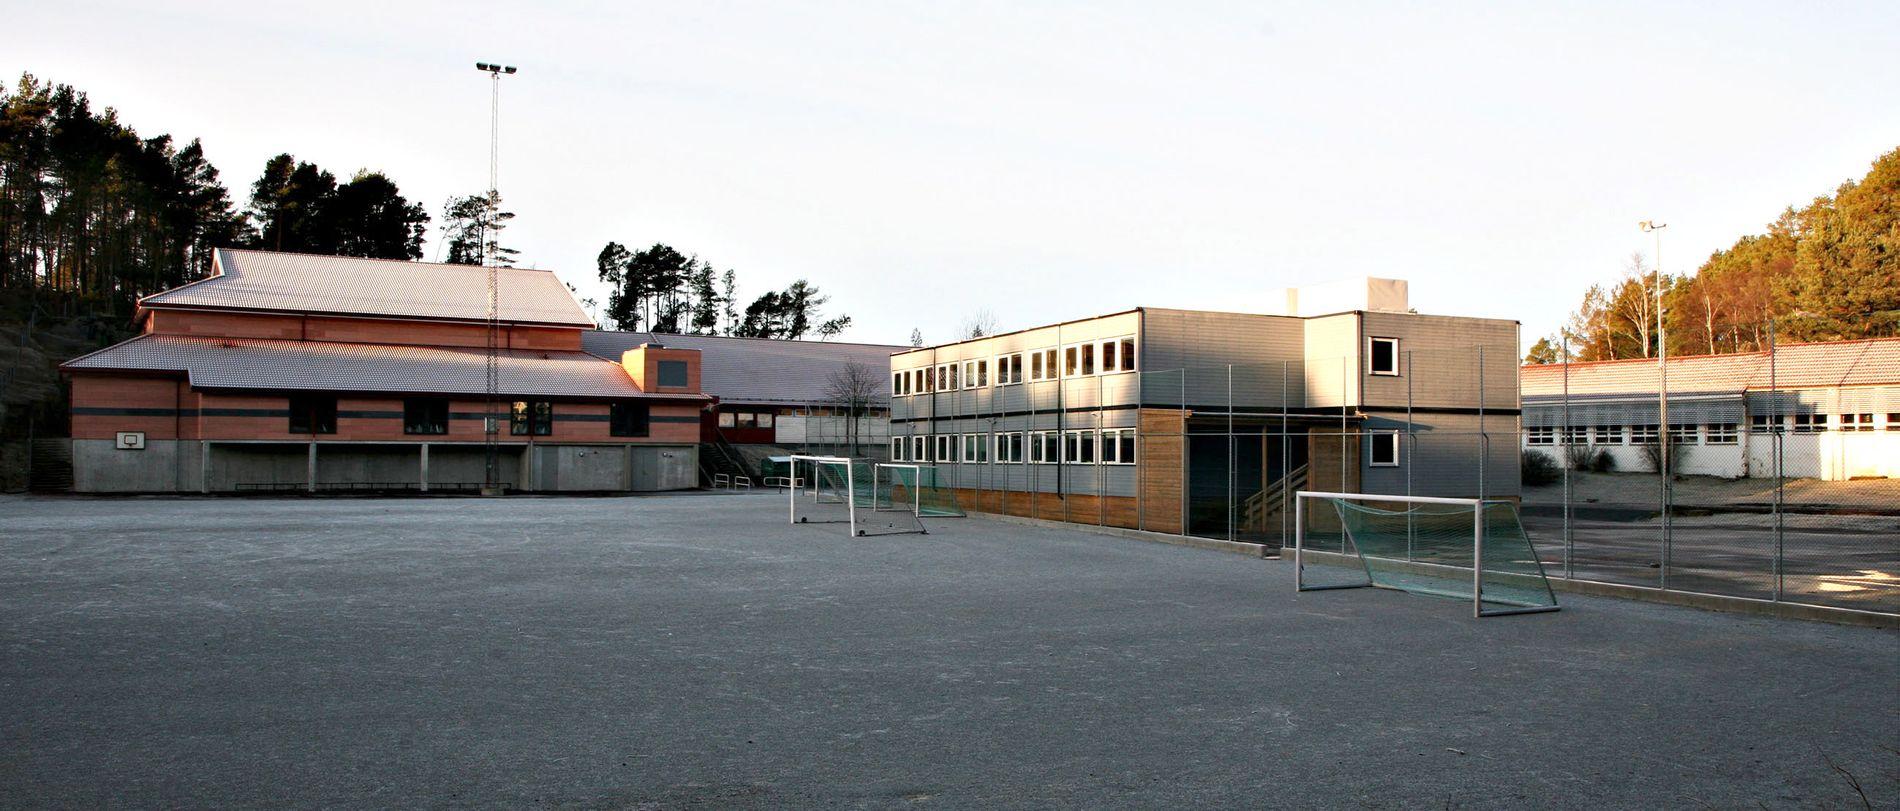 PUSSET OPP: Alvøen skole er blant dem som har fått penger til oppussing. Ny gymsal fikk de i 2005, men gamlebygget er delvis stengt, og åtte klasser må bruke brakker.